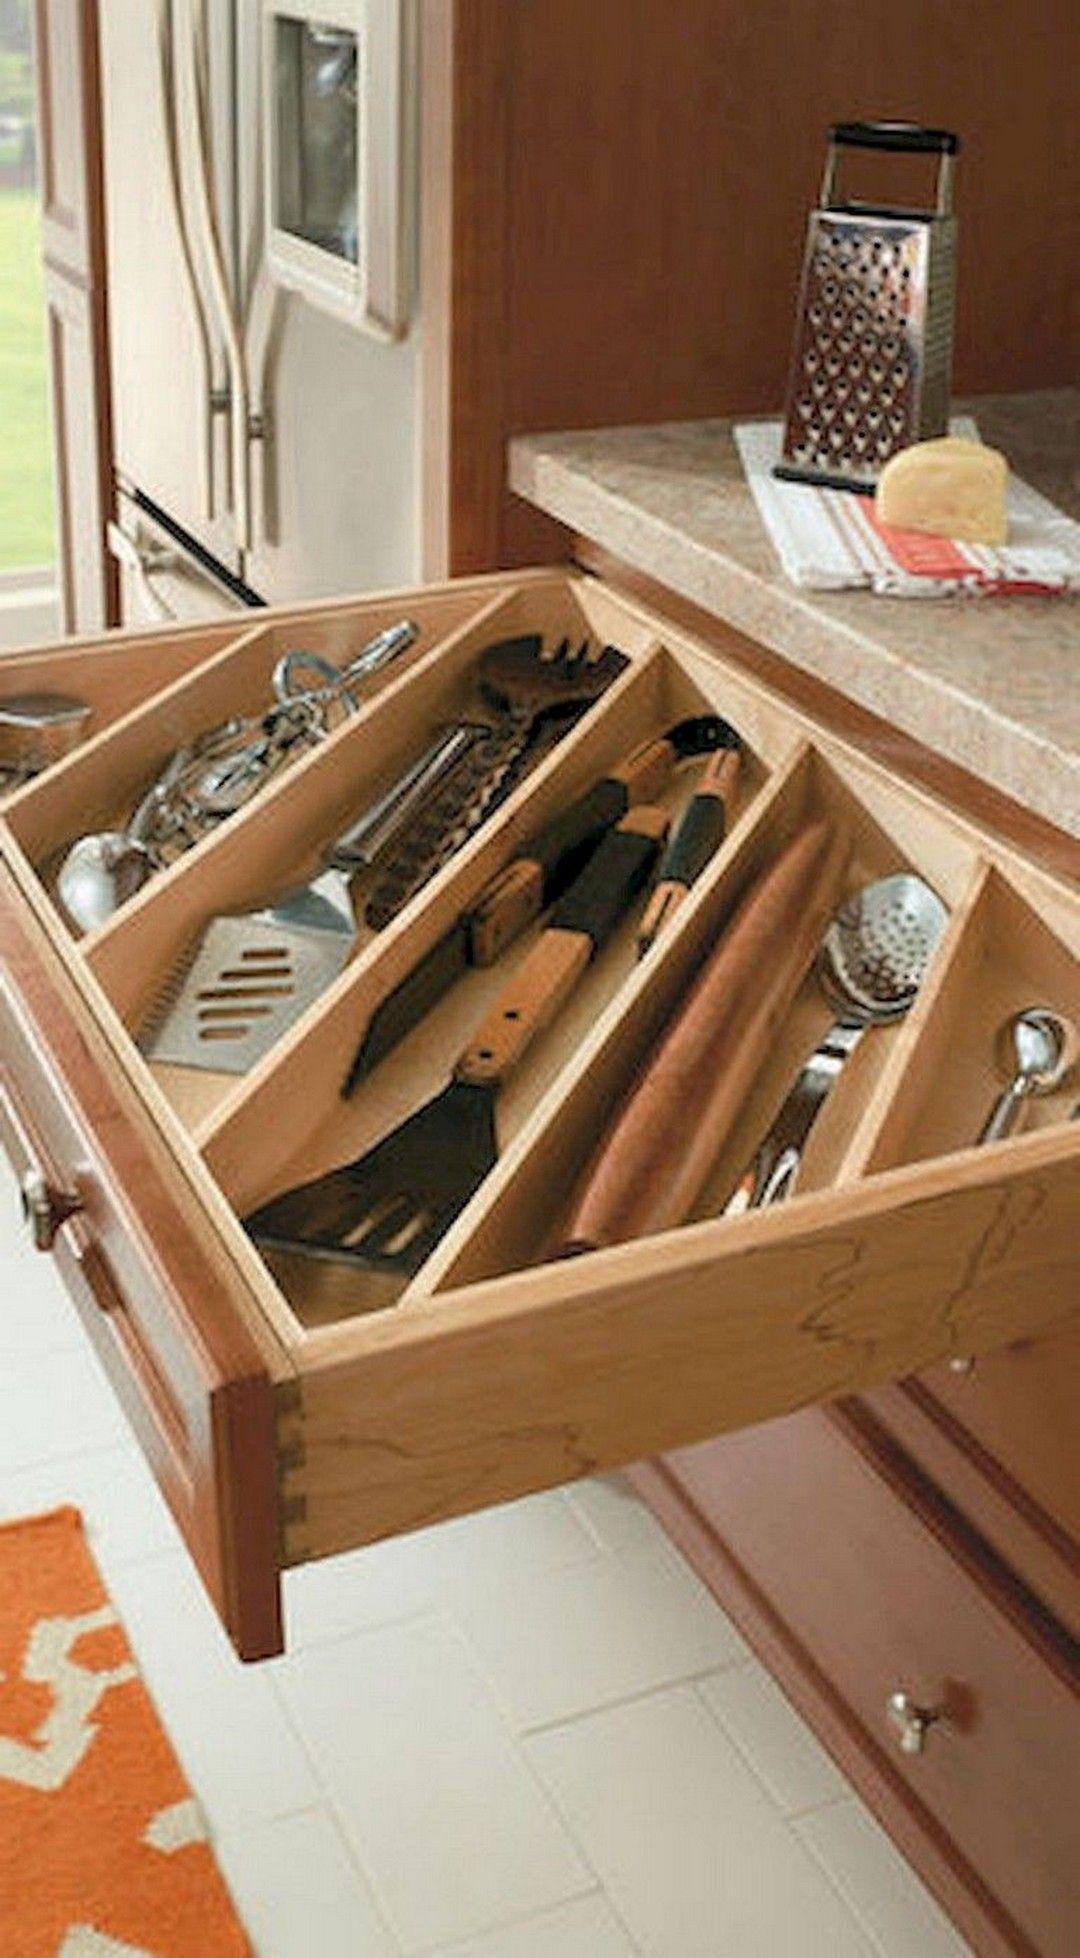 33 smart diy kitchen storage ideas diy kitchen storage